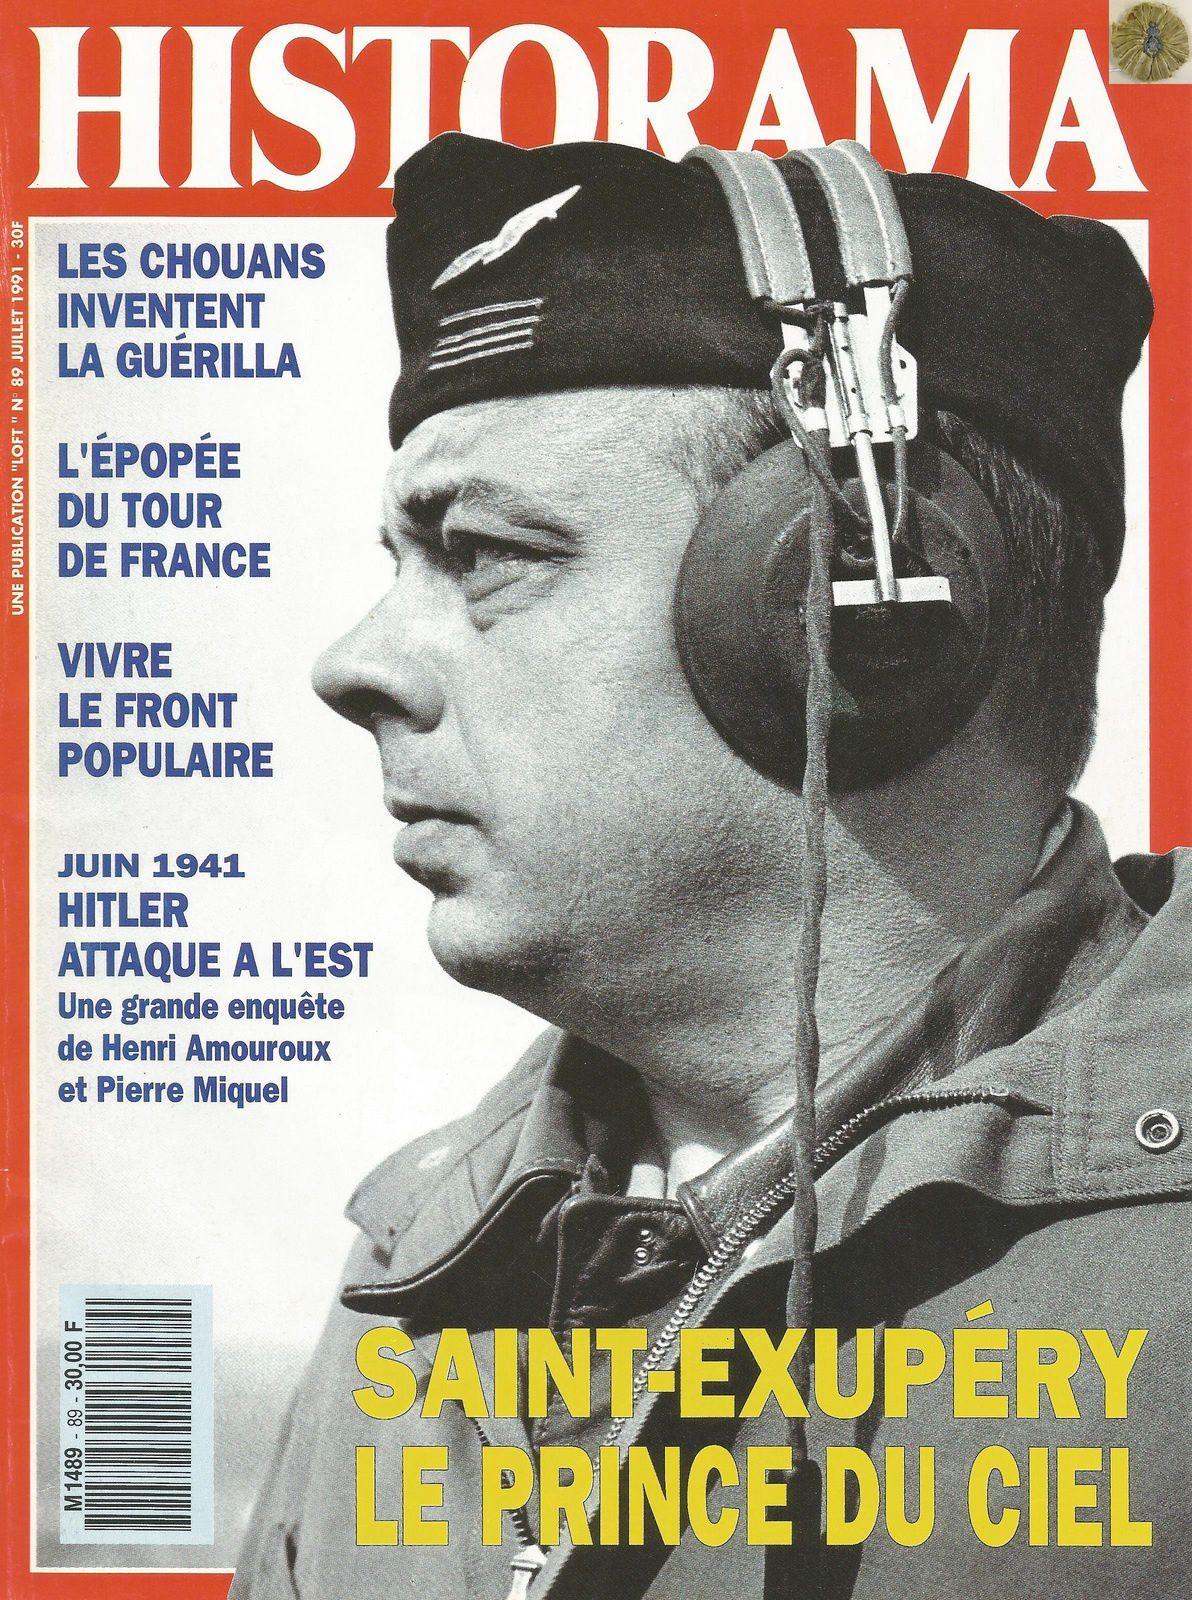 HISTORAMA 89 - JUILLET 1991 (PHOTO DE COUVERTURE JOHN PHILLIPS)